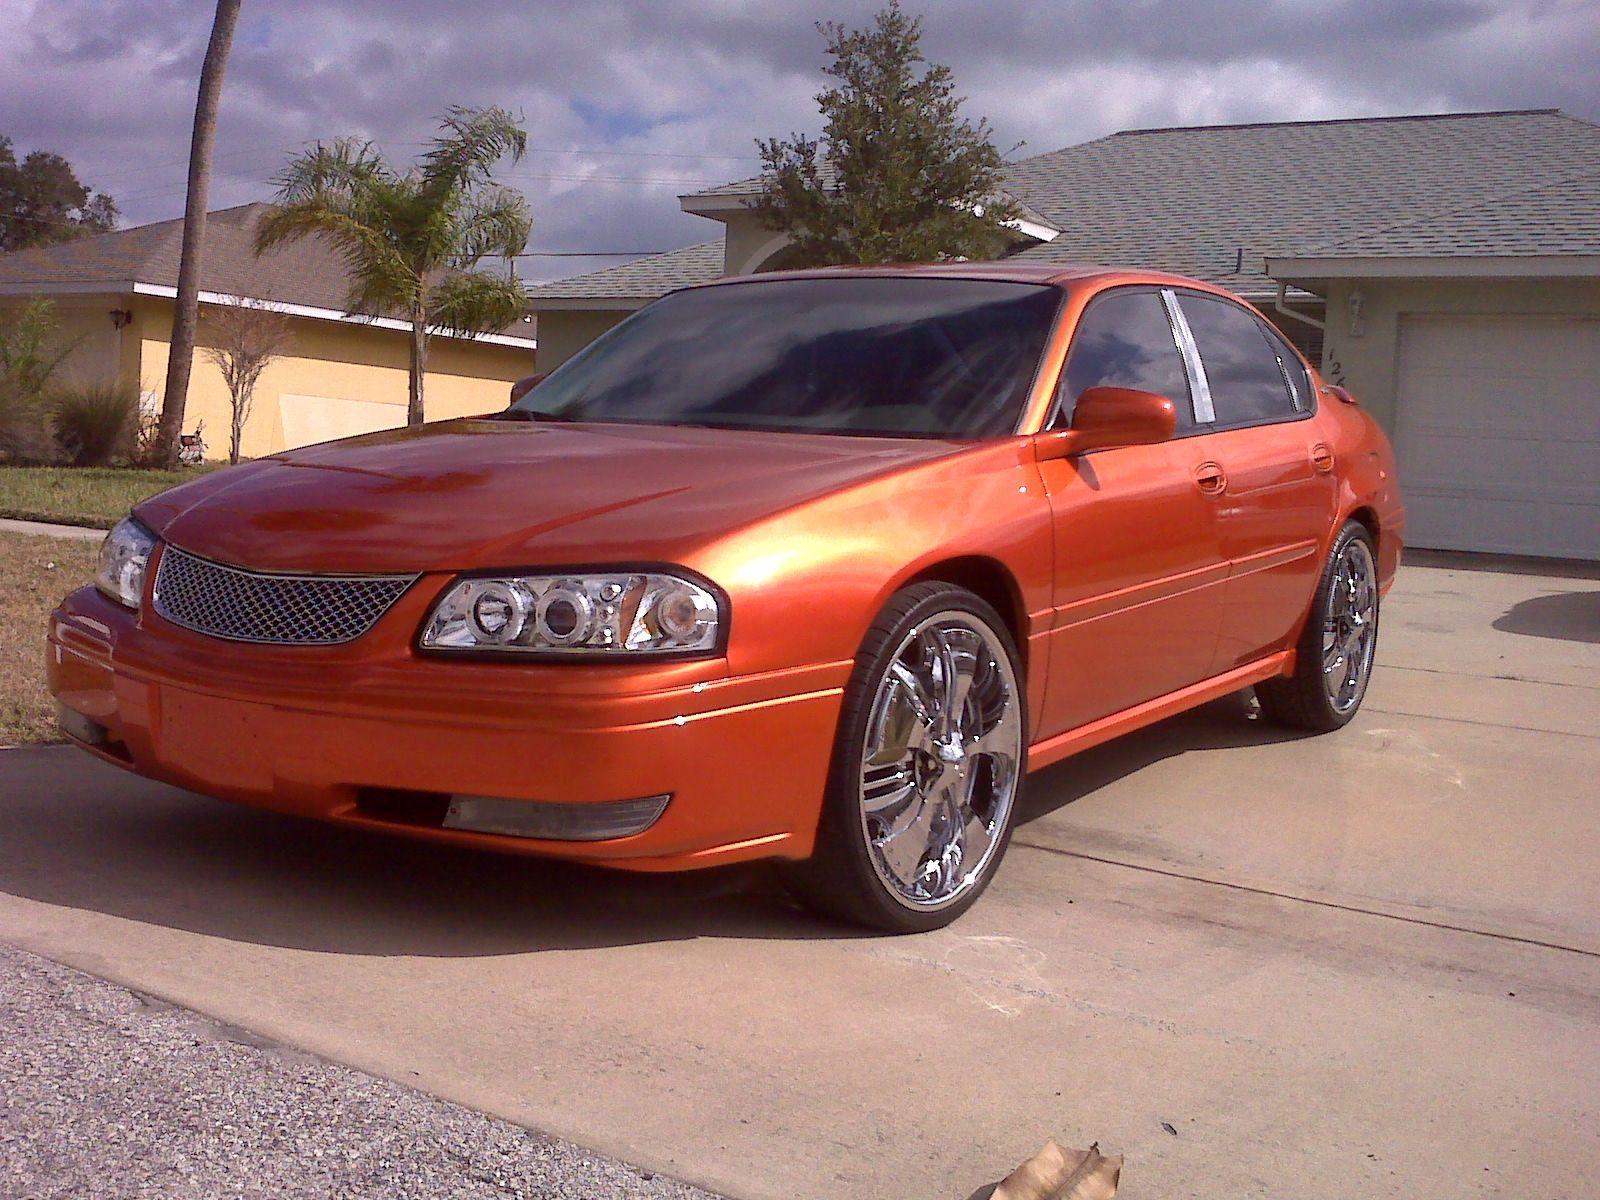 2000 chevy impala swangin n bangin s 2000 chevrolet impala in miami fl [ 1600 x 1200 Pixel ]